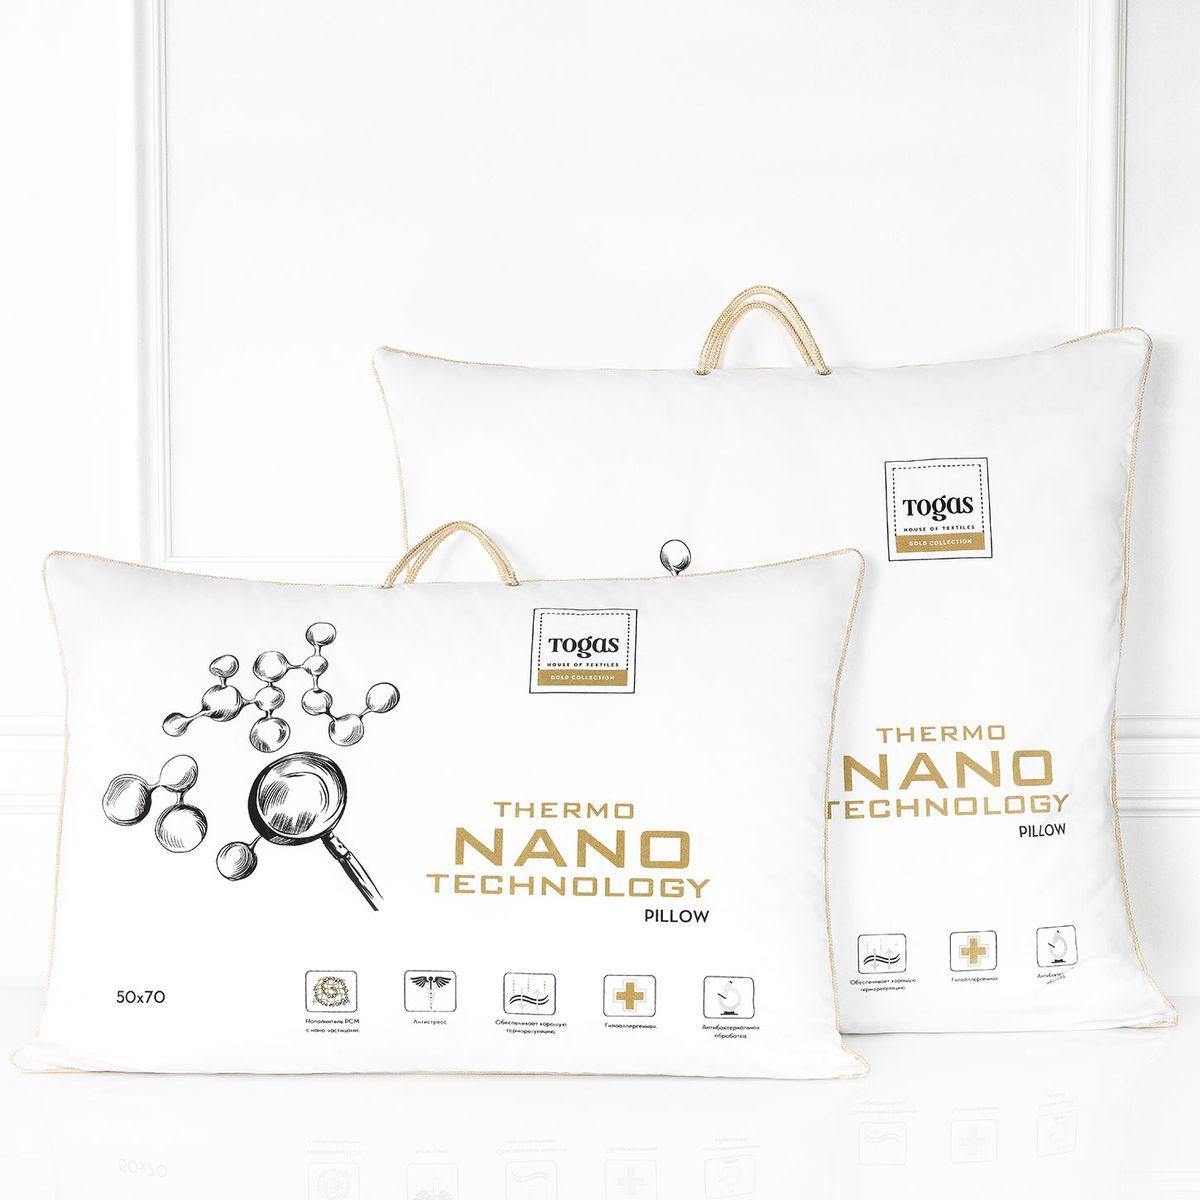 """Подушка Нано микрофайбер с микрокапсулами нано. 20.05.18.0010WUB 5647 weisКомфортная темпетатура тела во время сна - важная составляющая комфорта. В идеальных условиях тело расслабляется и по-настоящему отдыхает, как результат - Вы просыпаетесь отдохнувшим и бодрым, готовым к новым свершениям. накоплению усталости и стрессам. Чтобы этого избежать, правильно выбирайте постельные принадлежности. """"Микрофайбер с микрогранулами НАНО"""" - подушка с """"климатконтролем"""". Она «подстраивается» под различные температурные условия, регулируя температуру тела во время сна, наполняя Вас ощущением легкости и комфорта."""